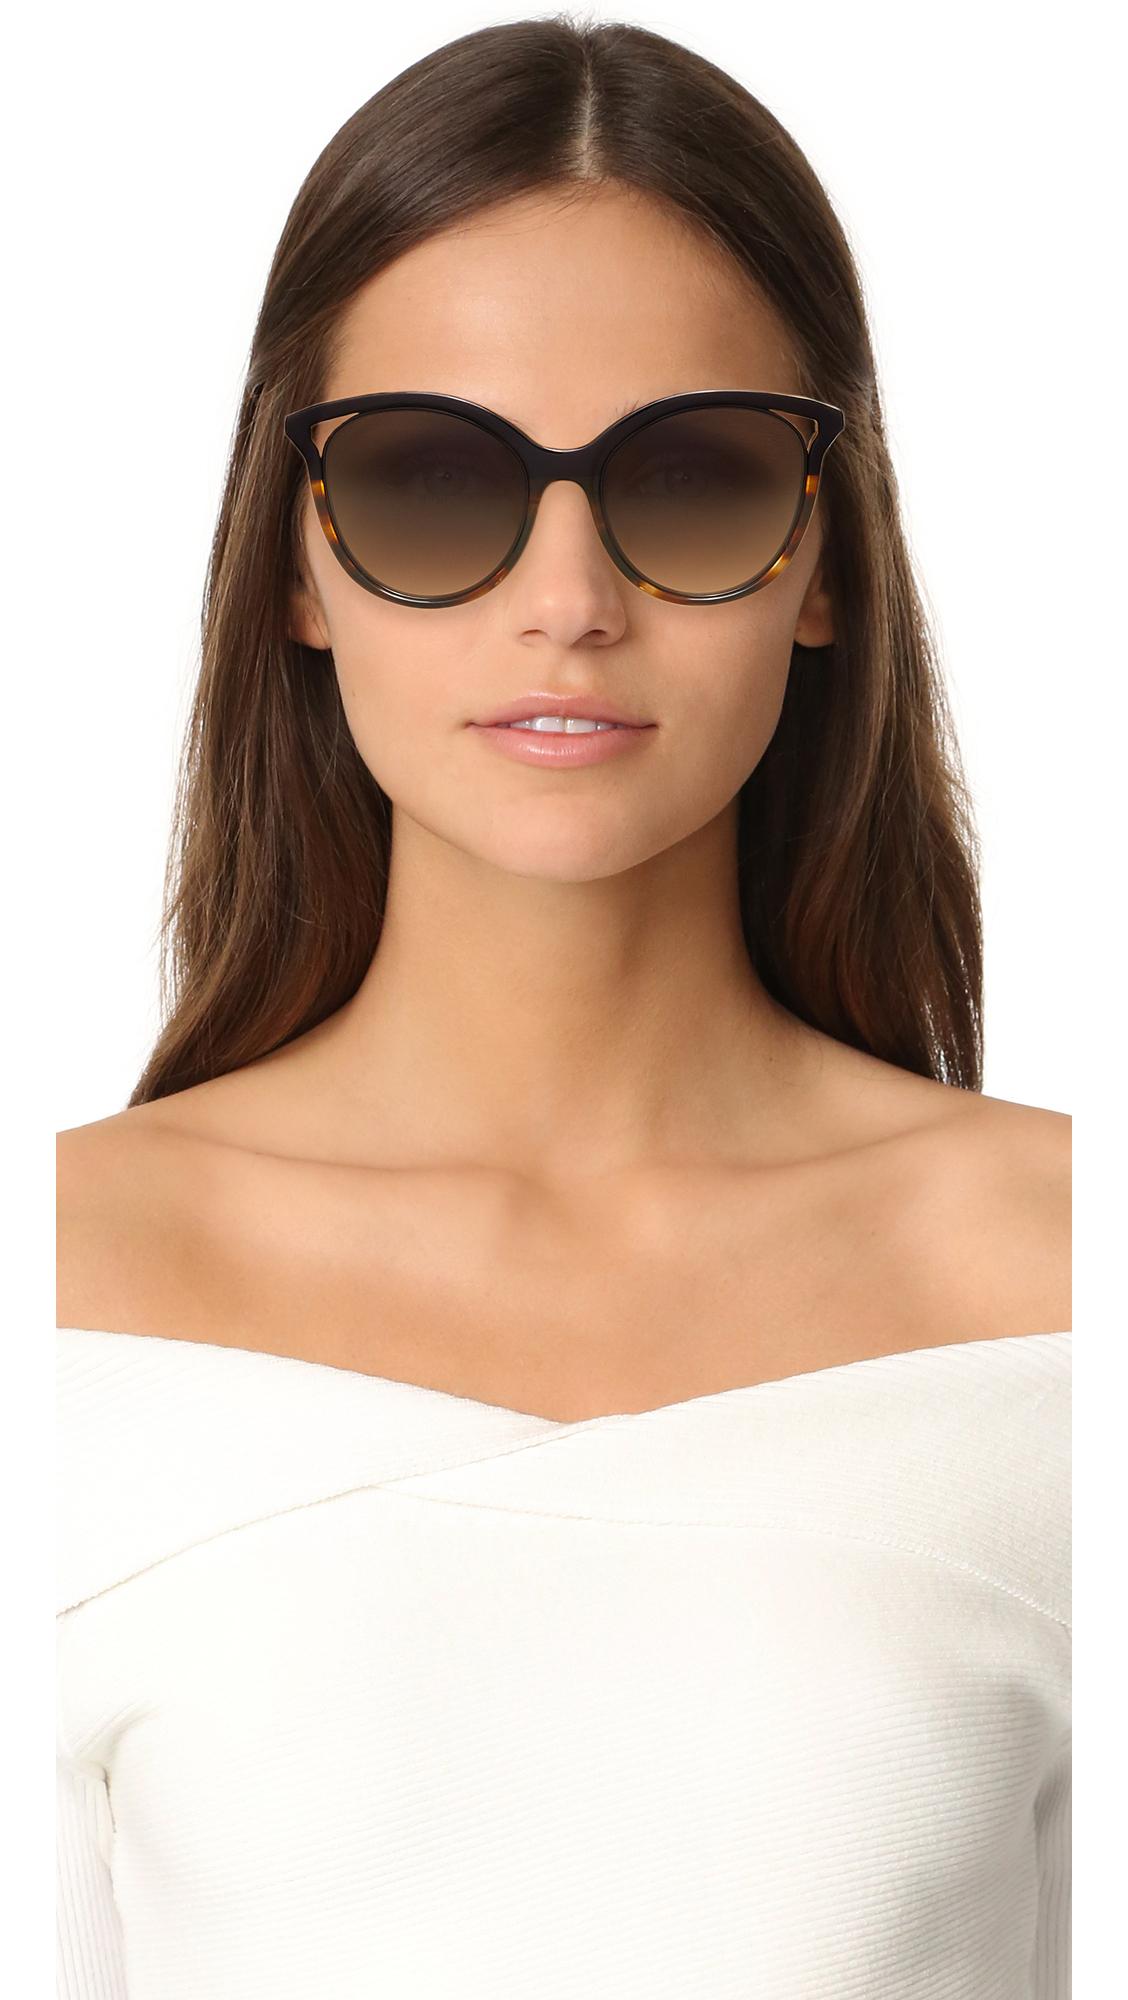 9159b4aee573 Victoria Beckham Cut Away Kitten Sunglasses